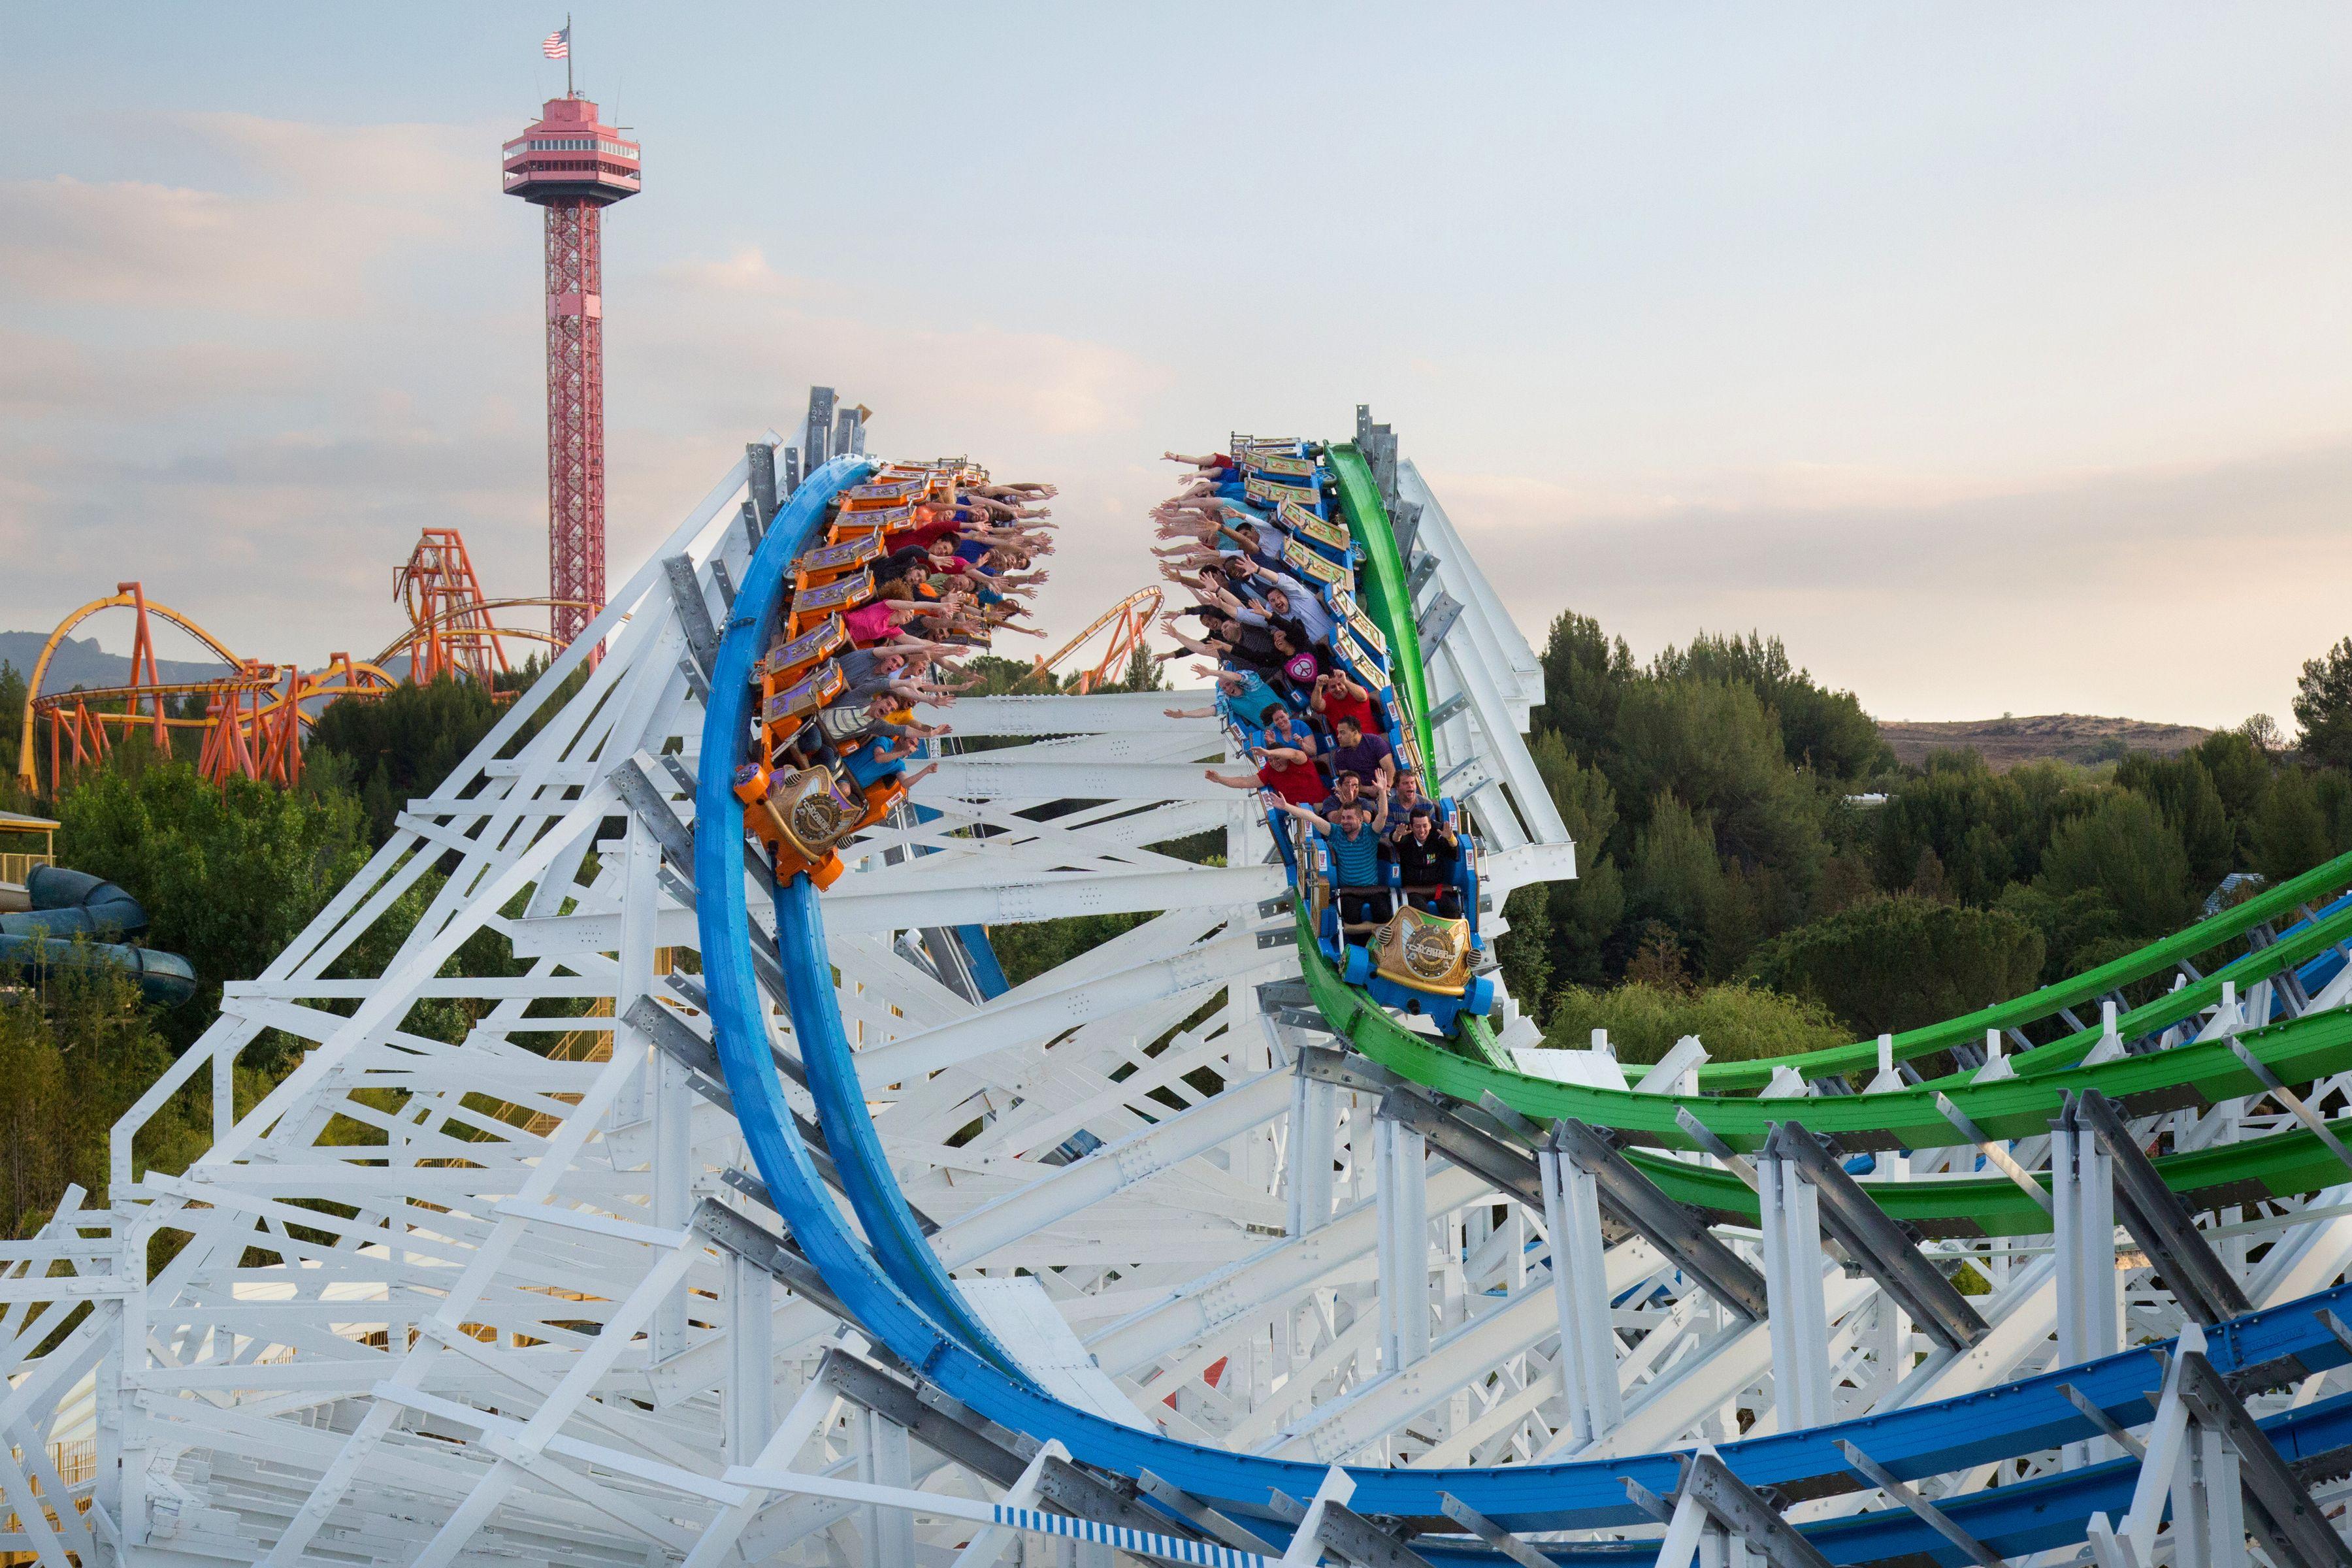 Ingresso standard di un giorno al Six Flags Magic Mountain